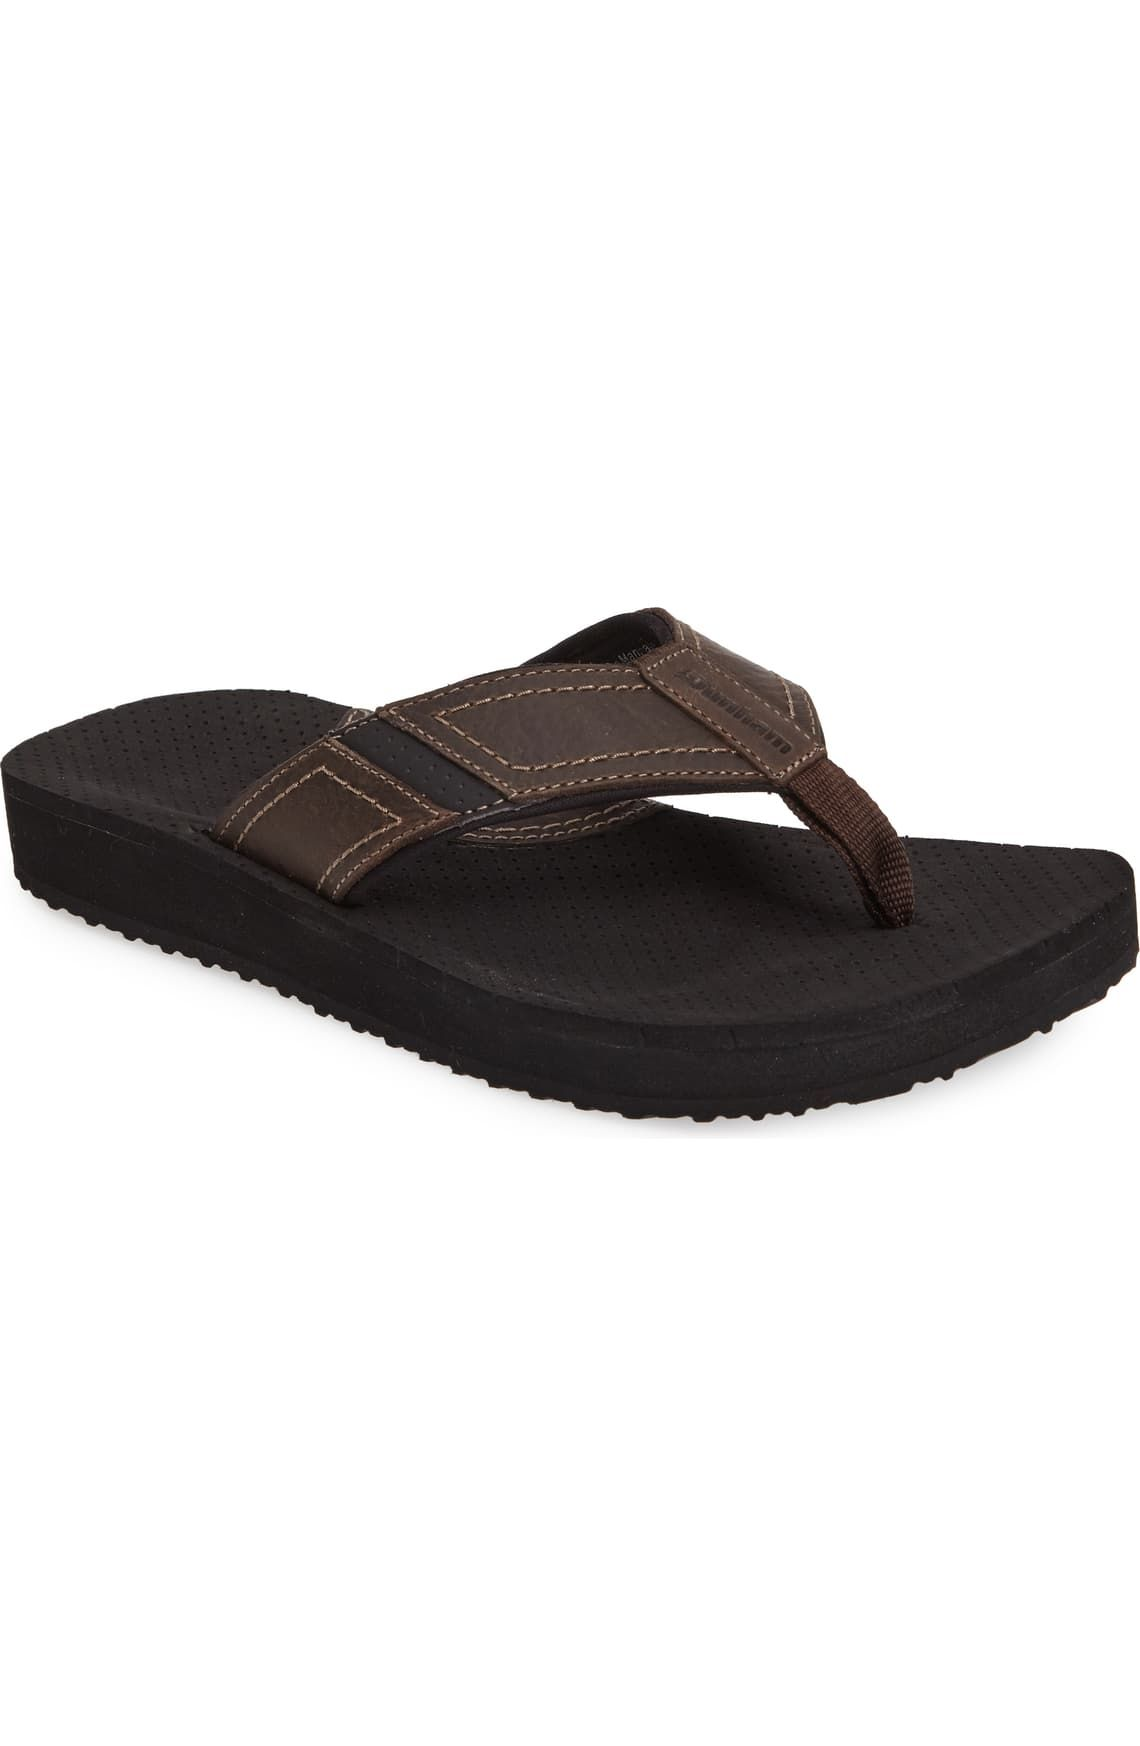 Dunham Carter Flip Flop (Men